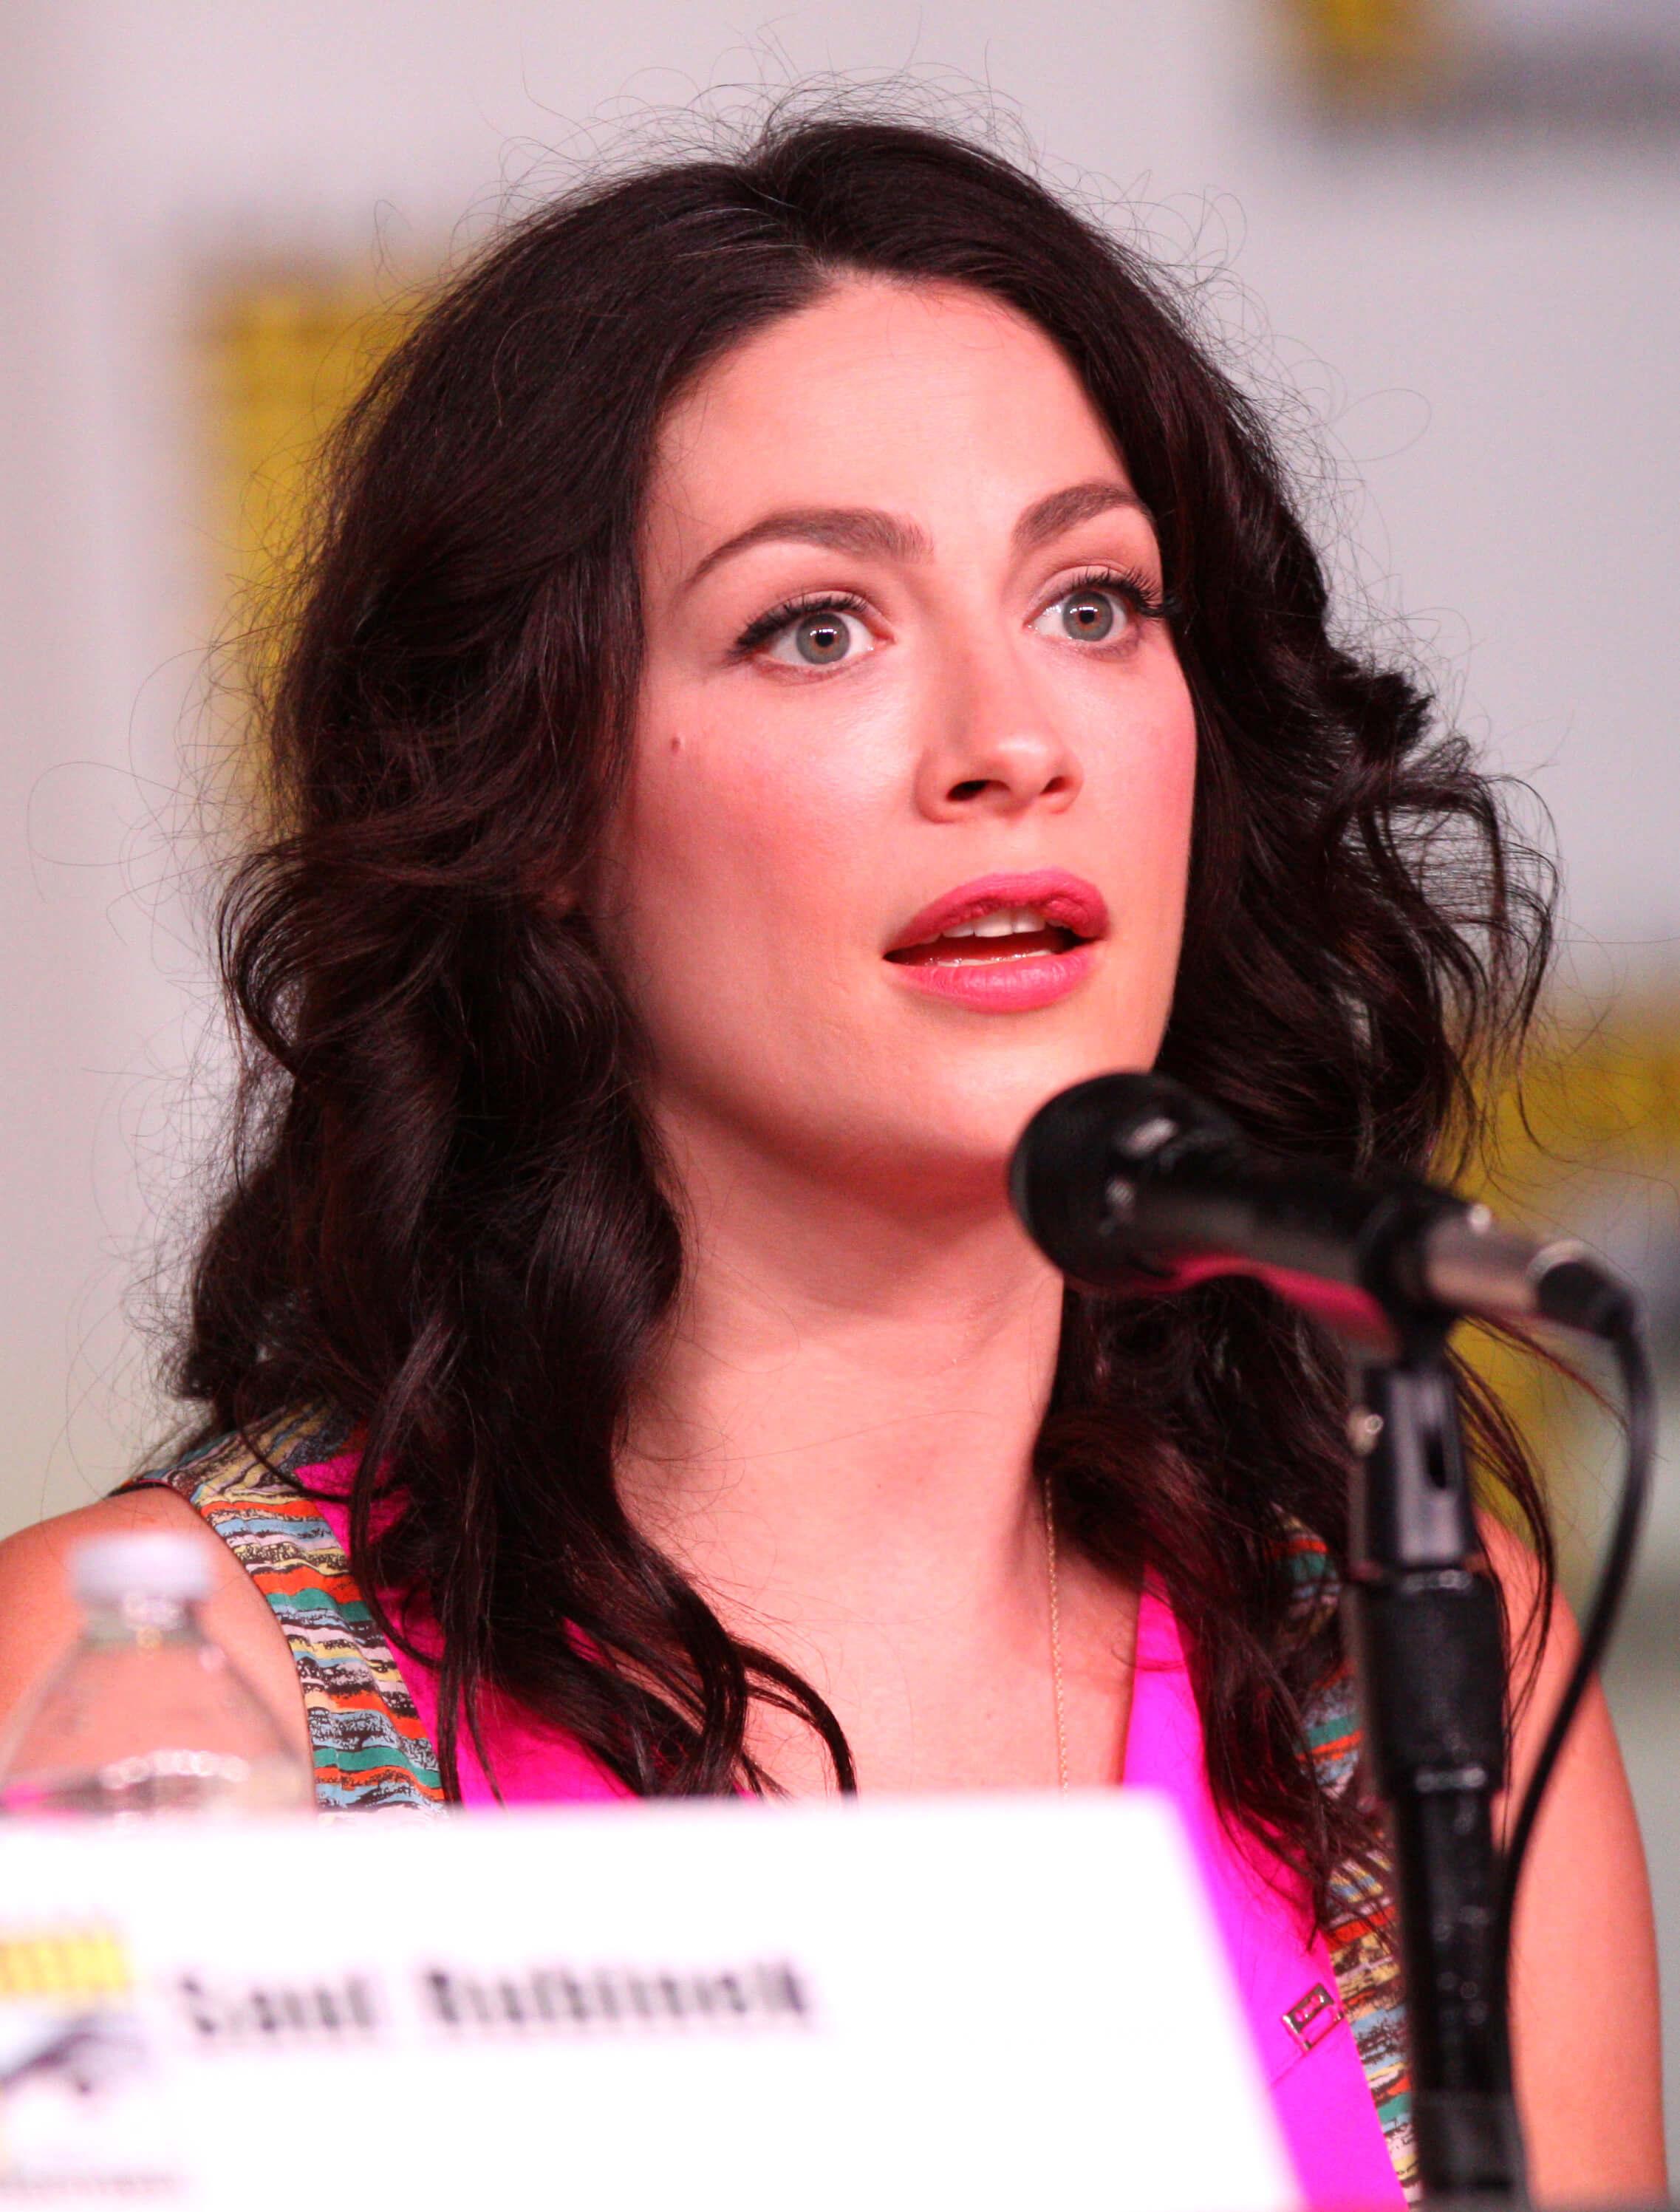 joanne kelly on the mic